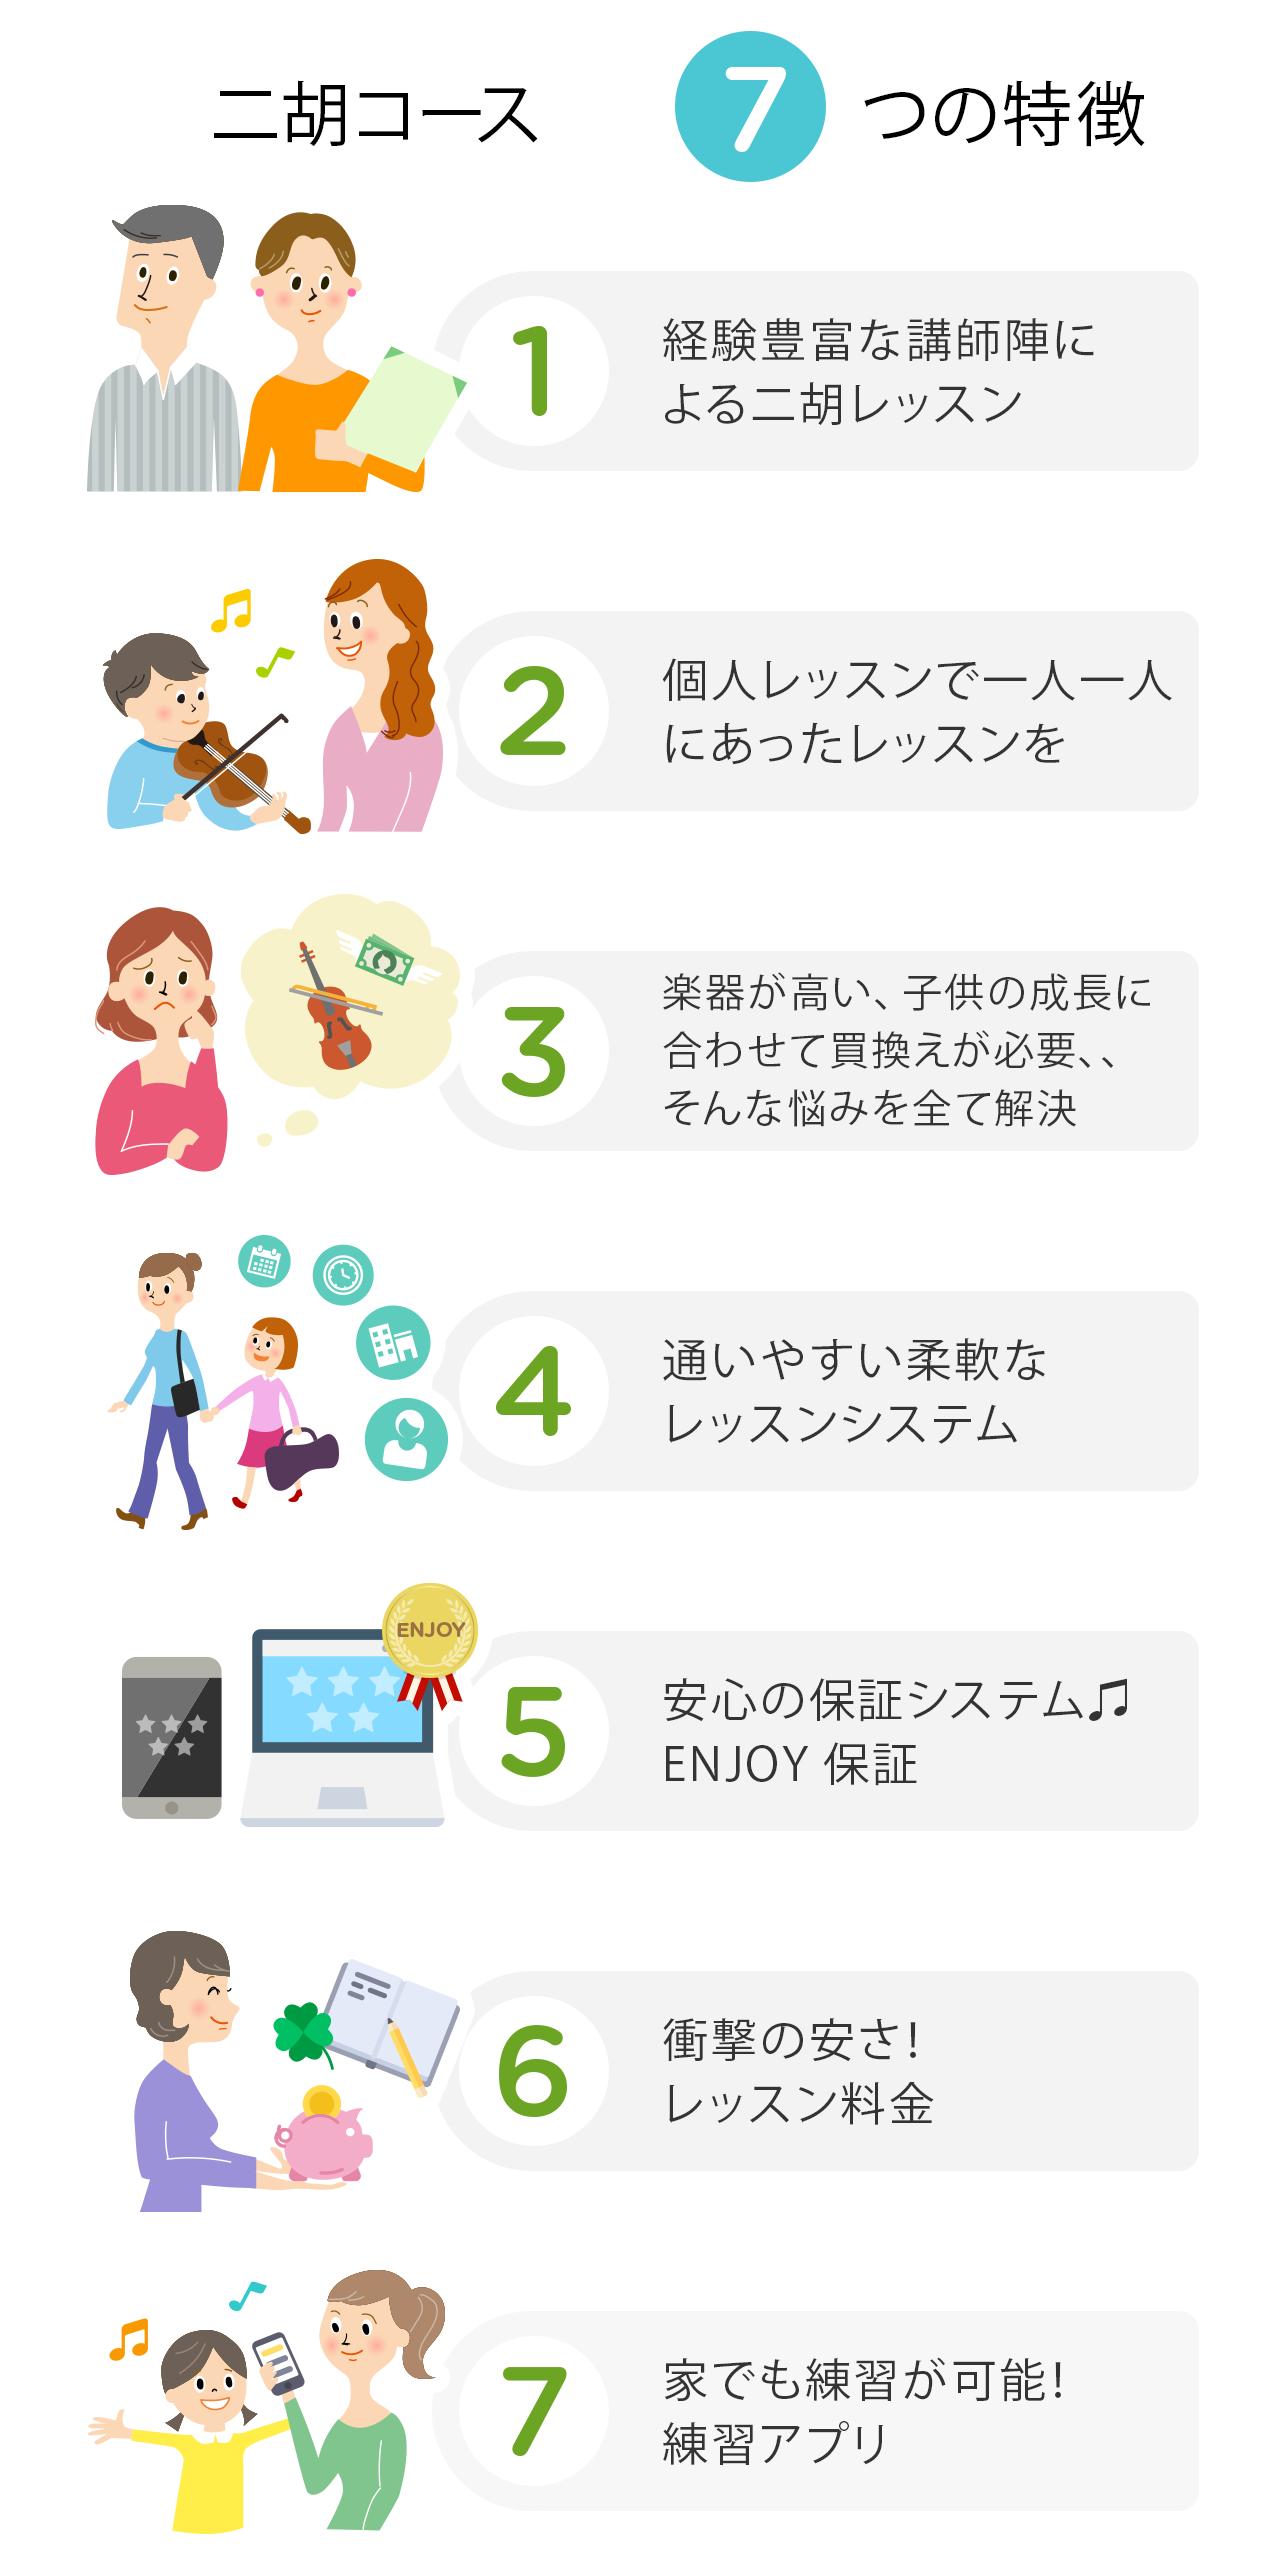 二胡教室の7つの特徴